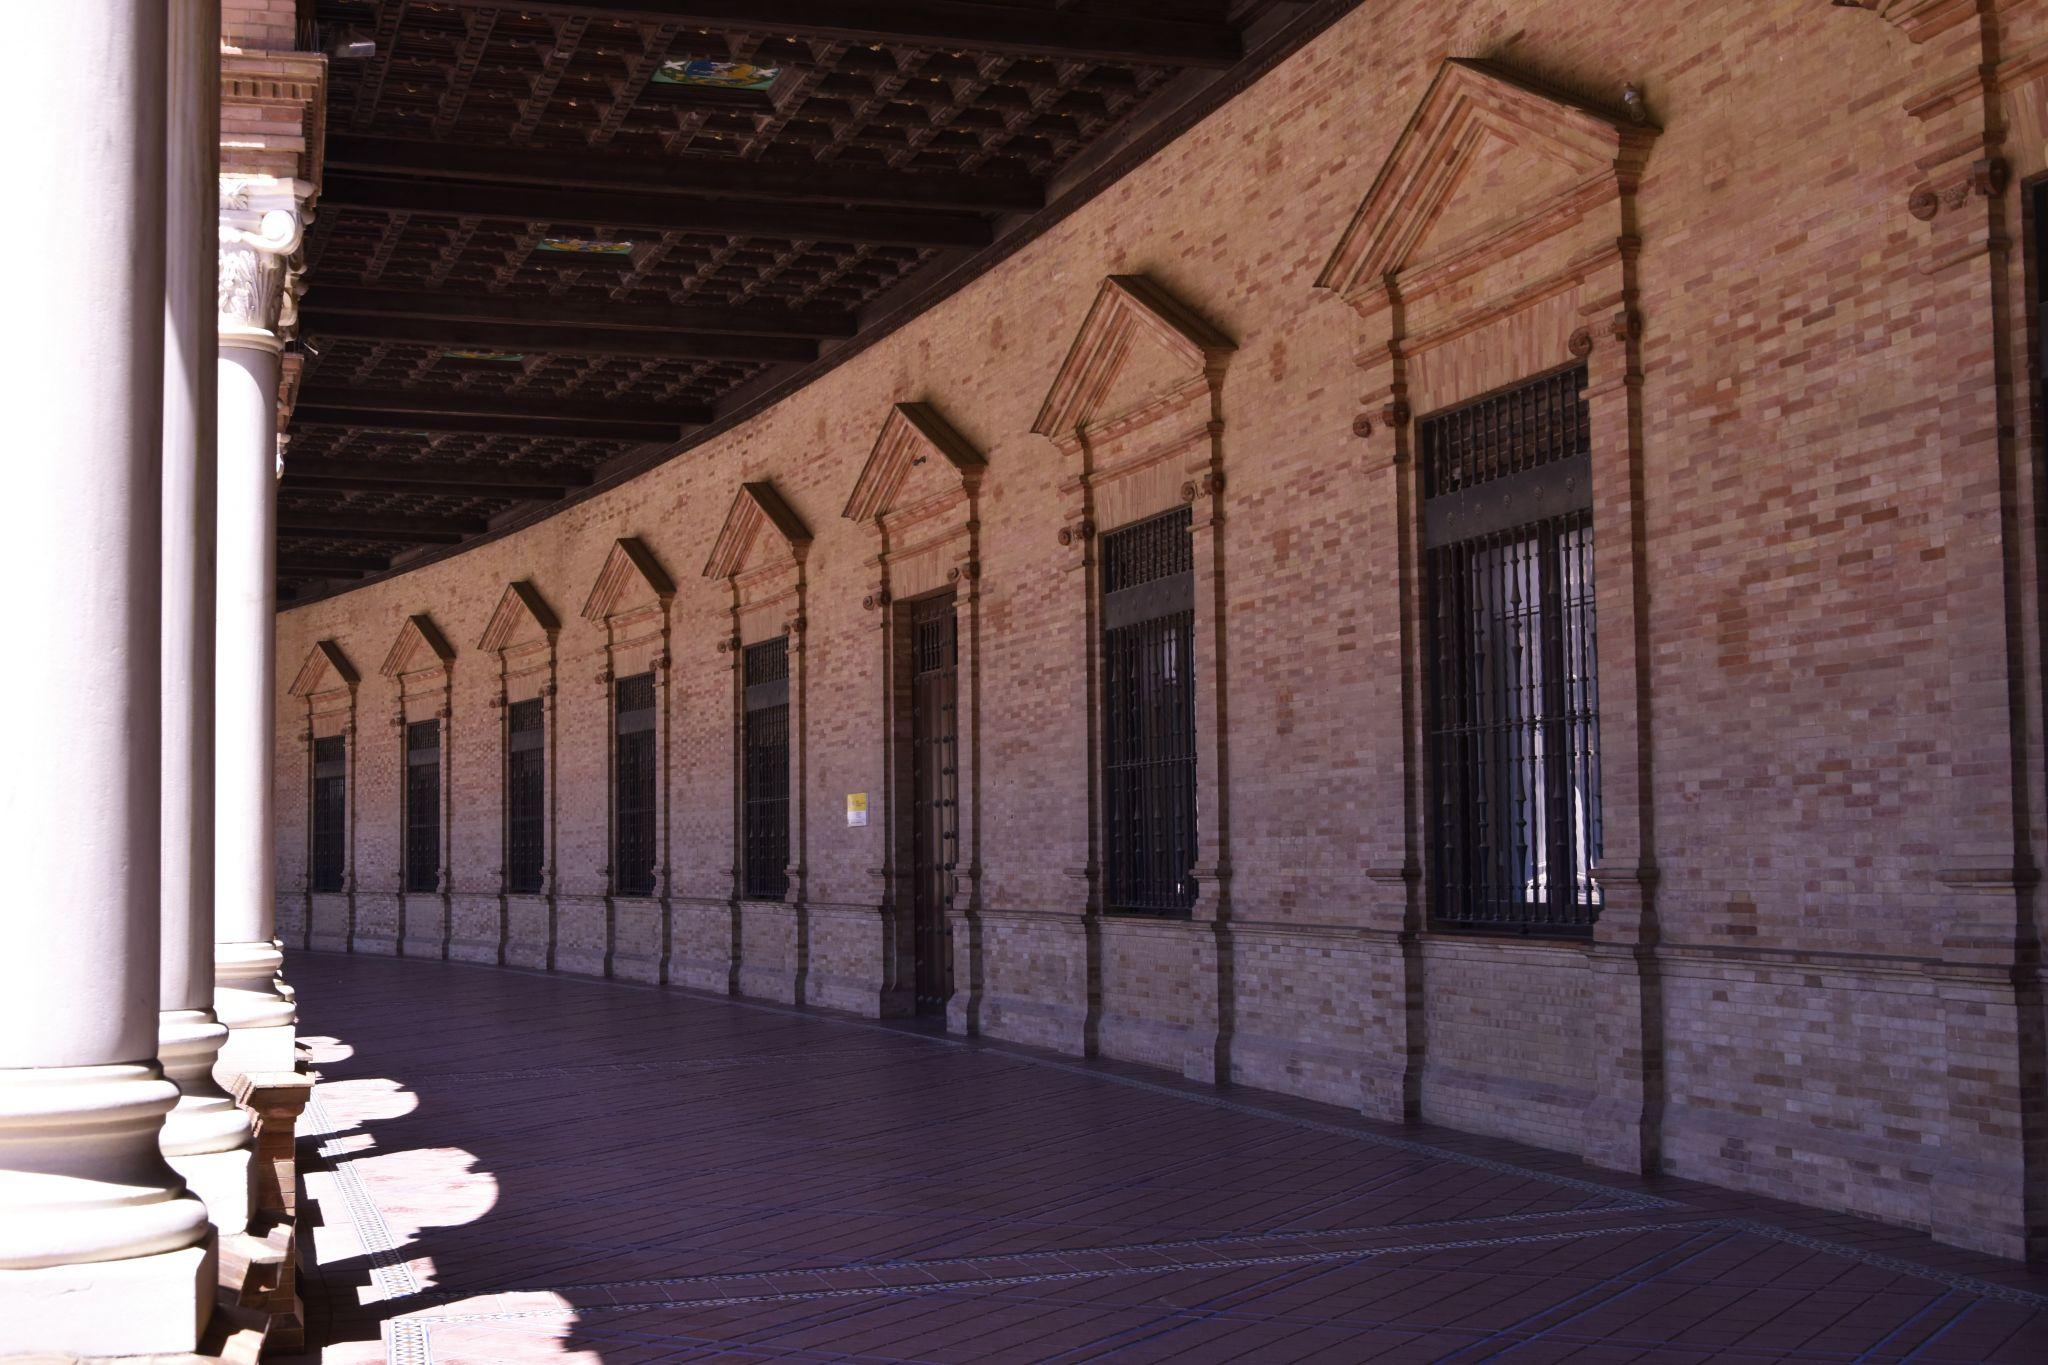 Corridors of the Plaza de España, Spain